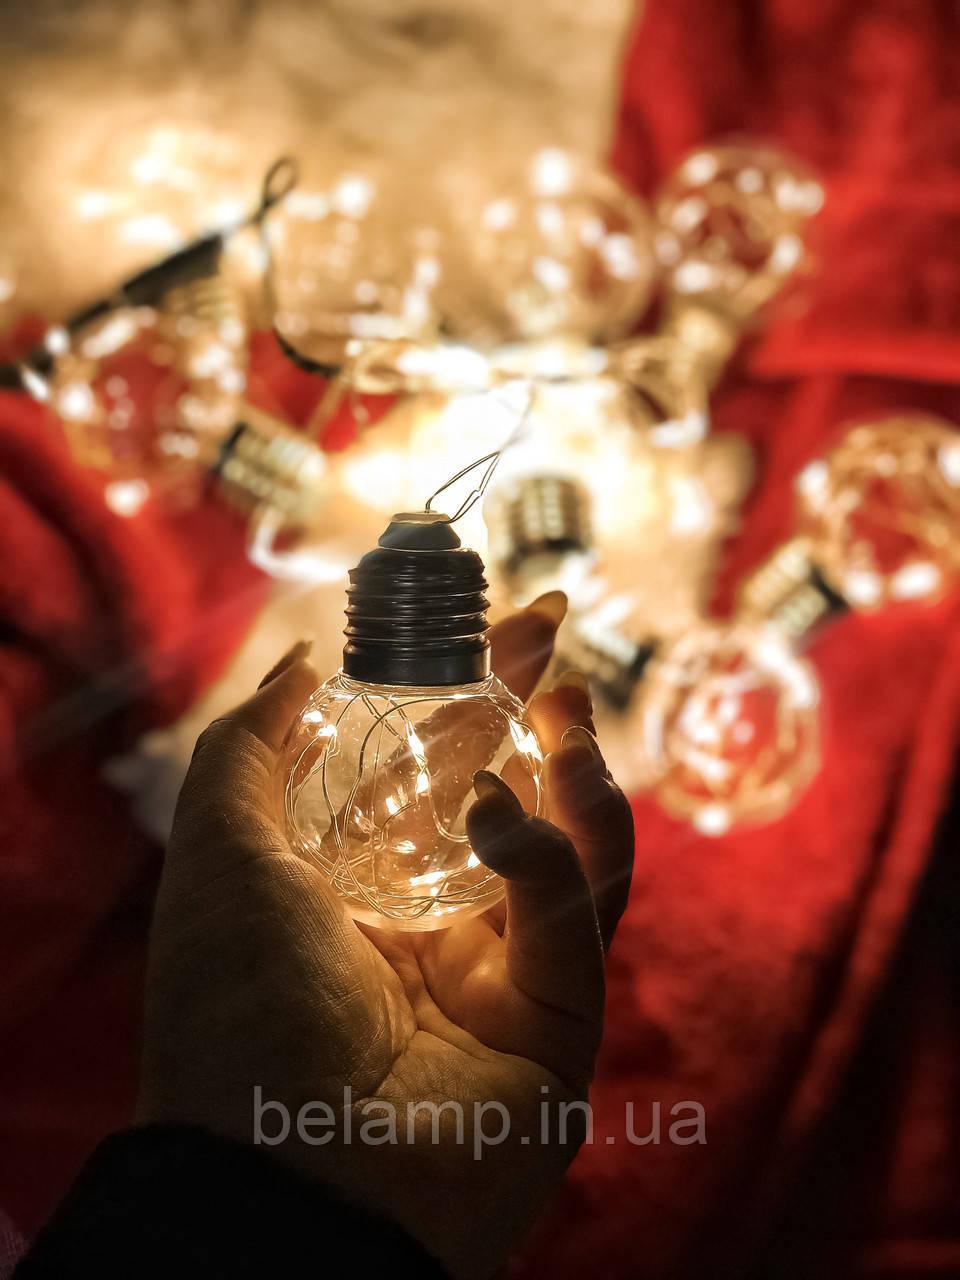 """Новогодняя гирлянда от электричества «Милашки-лампочки"""""""